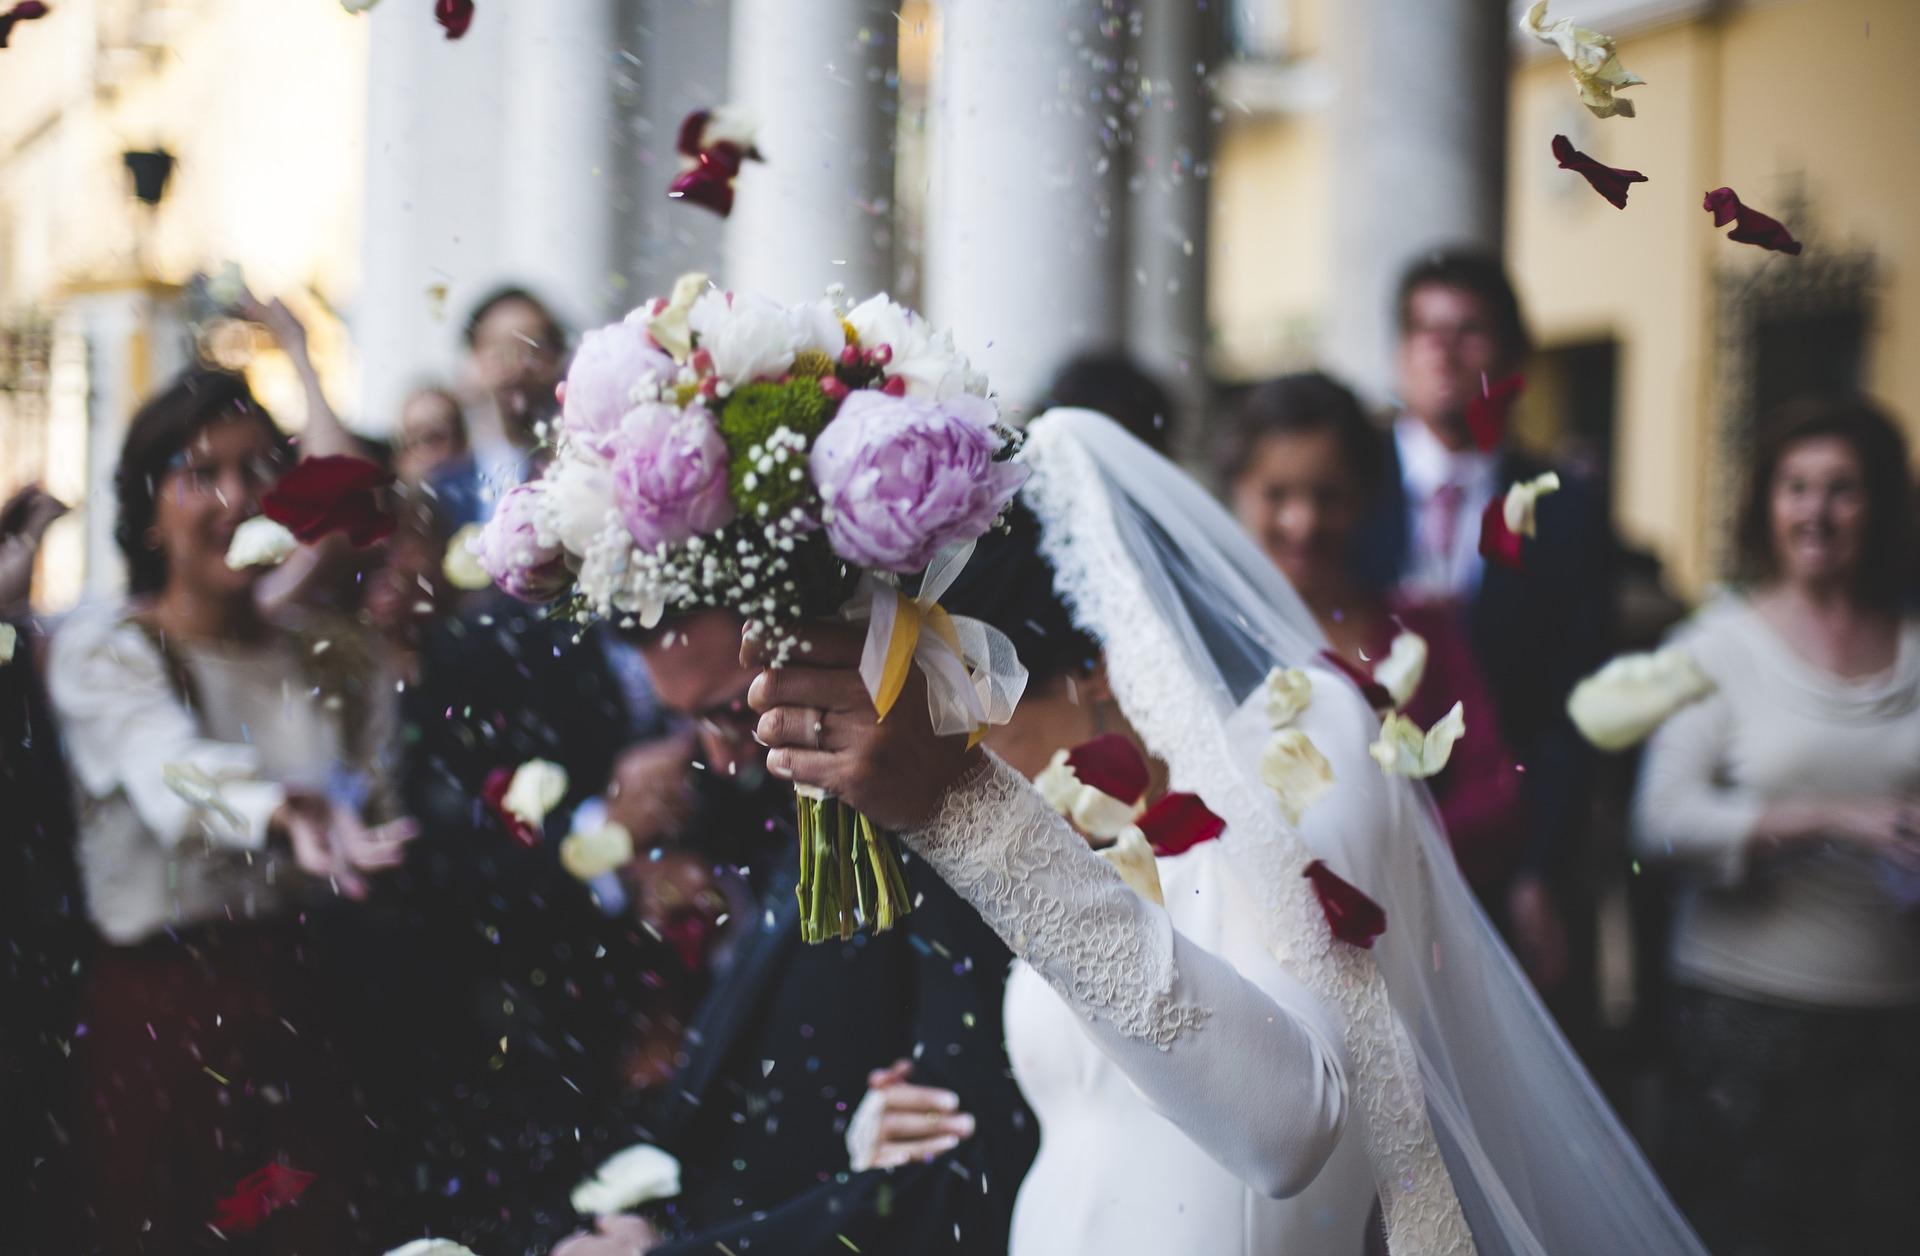 結婚は幸せなのか徹底調査!上手くいく理想の相手の見つけ方や特徴は?